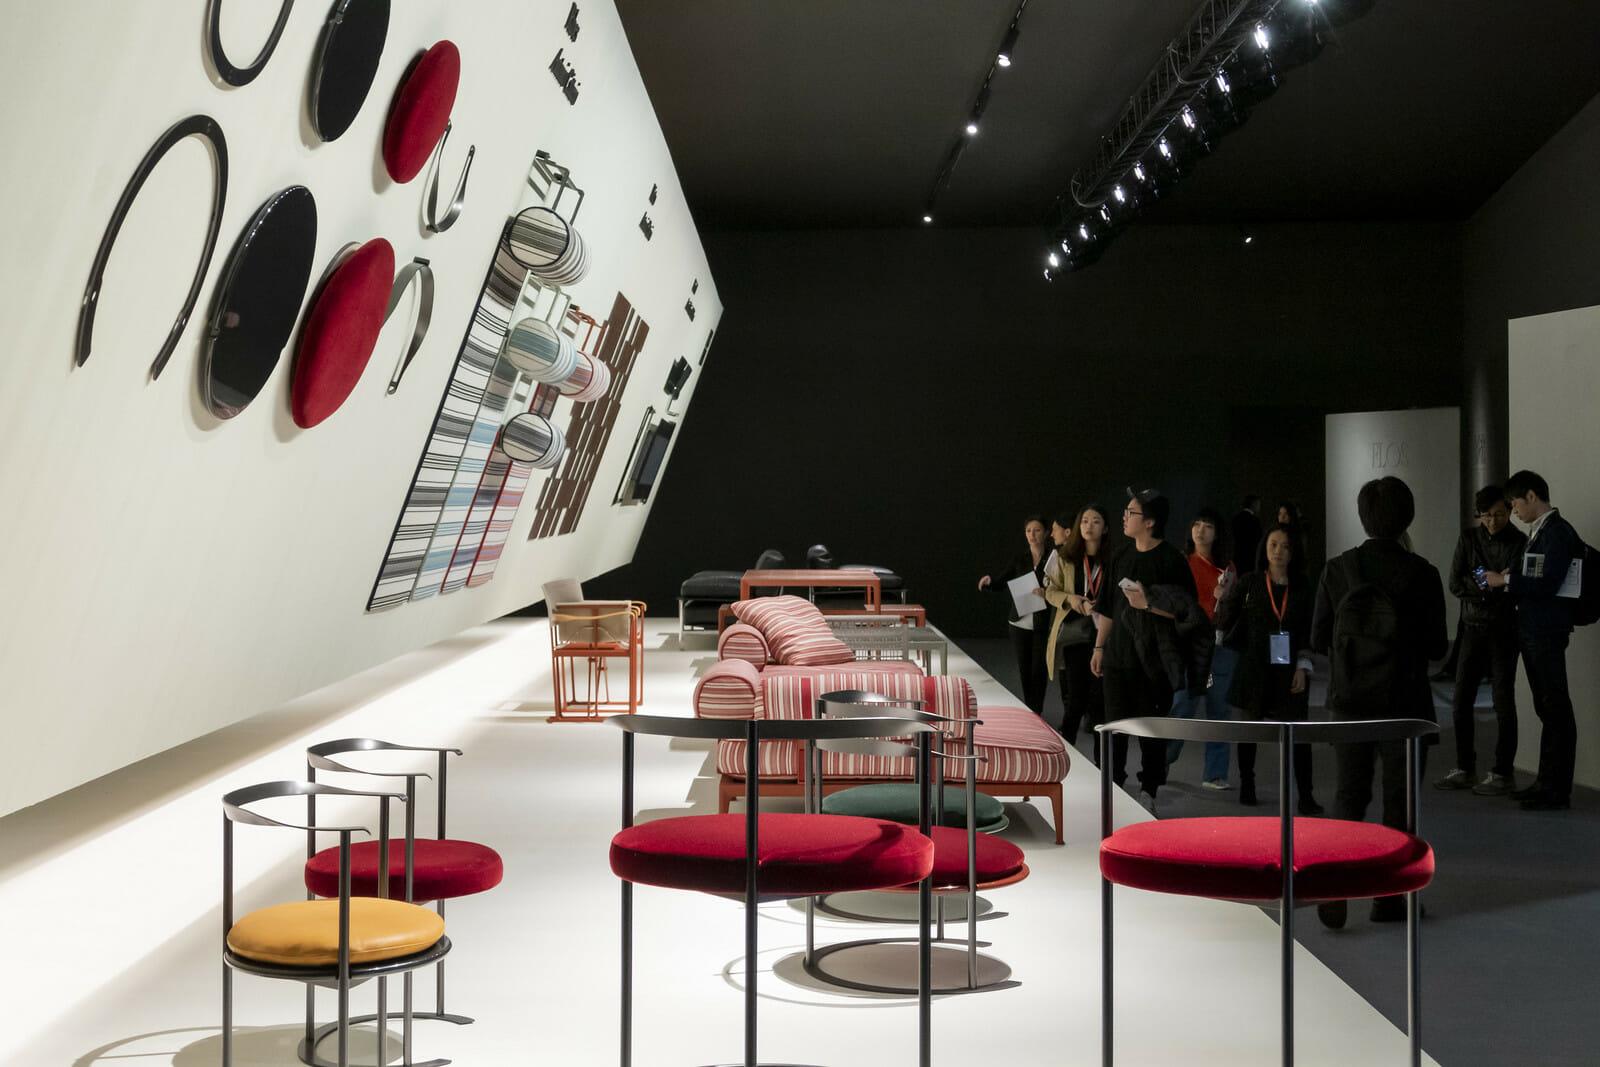 サローネの新エリアS.Project(後述)で大きな存在感を示したB&B Italia、Photo:Courtesy Salone del Mobile.Milano/ Saverio Lombardi Vallauri